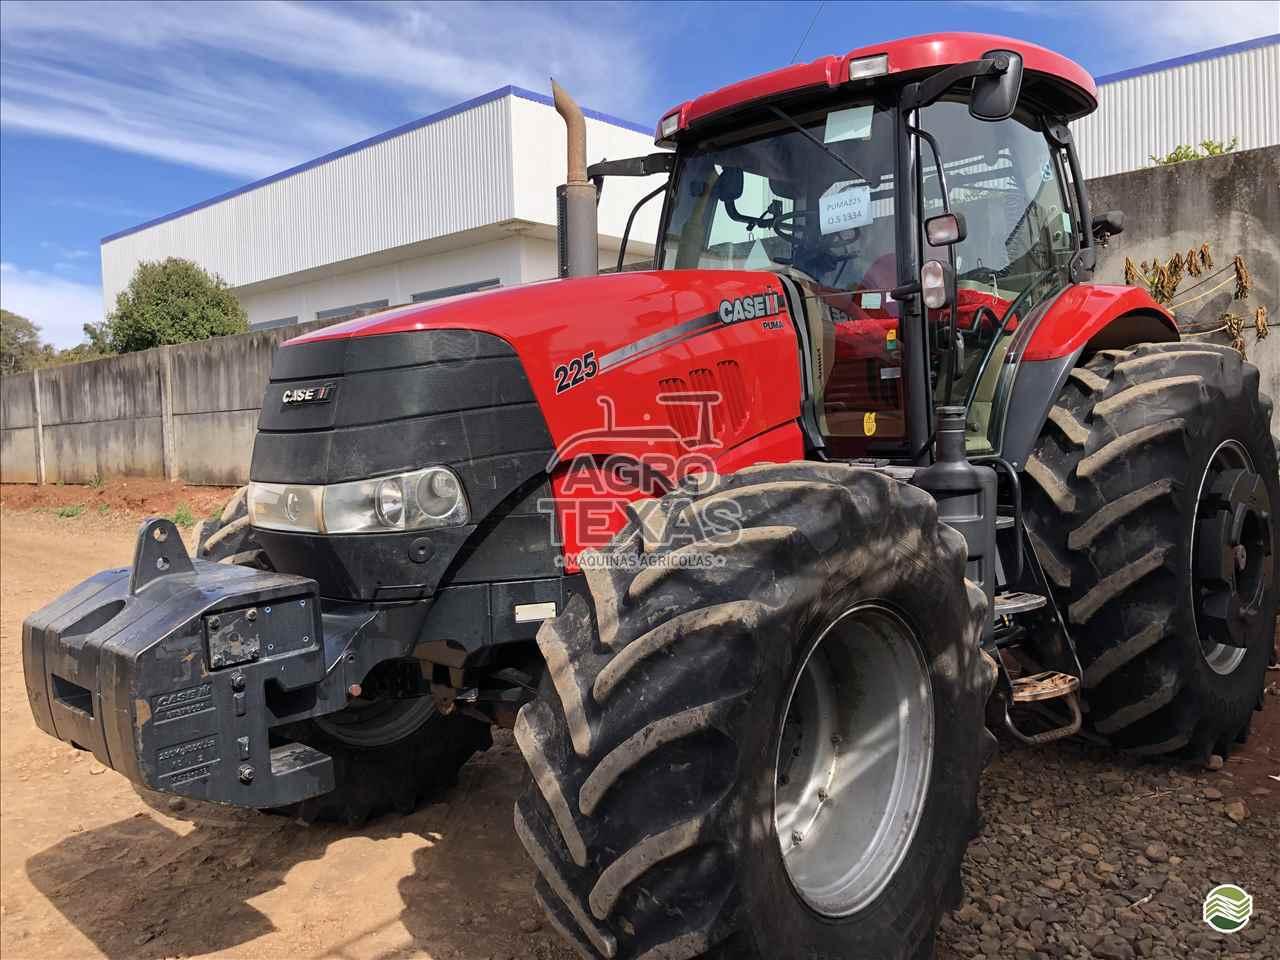 TRATOR CASE PUMA 225 Tração 4x4 Agro Texas Máquinas Agrícolas VITORINO PARANÁ PR